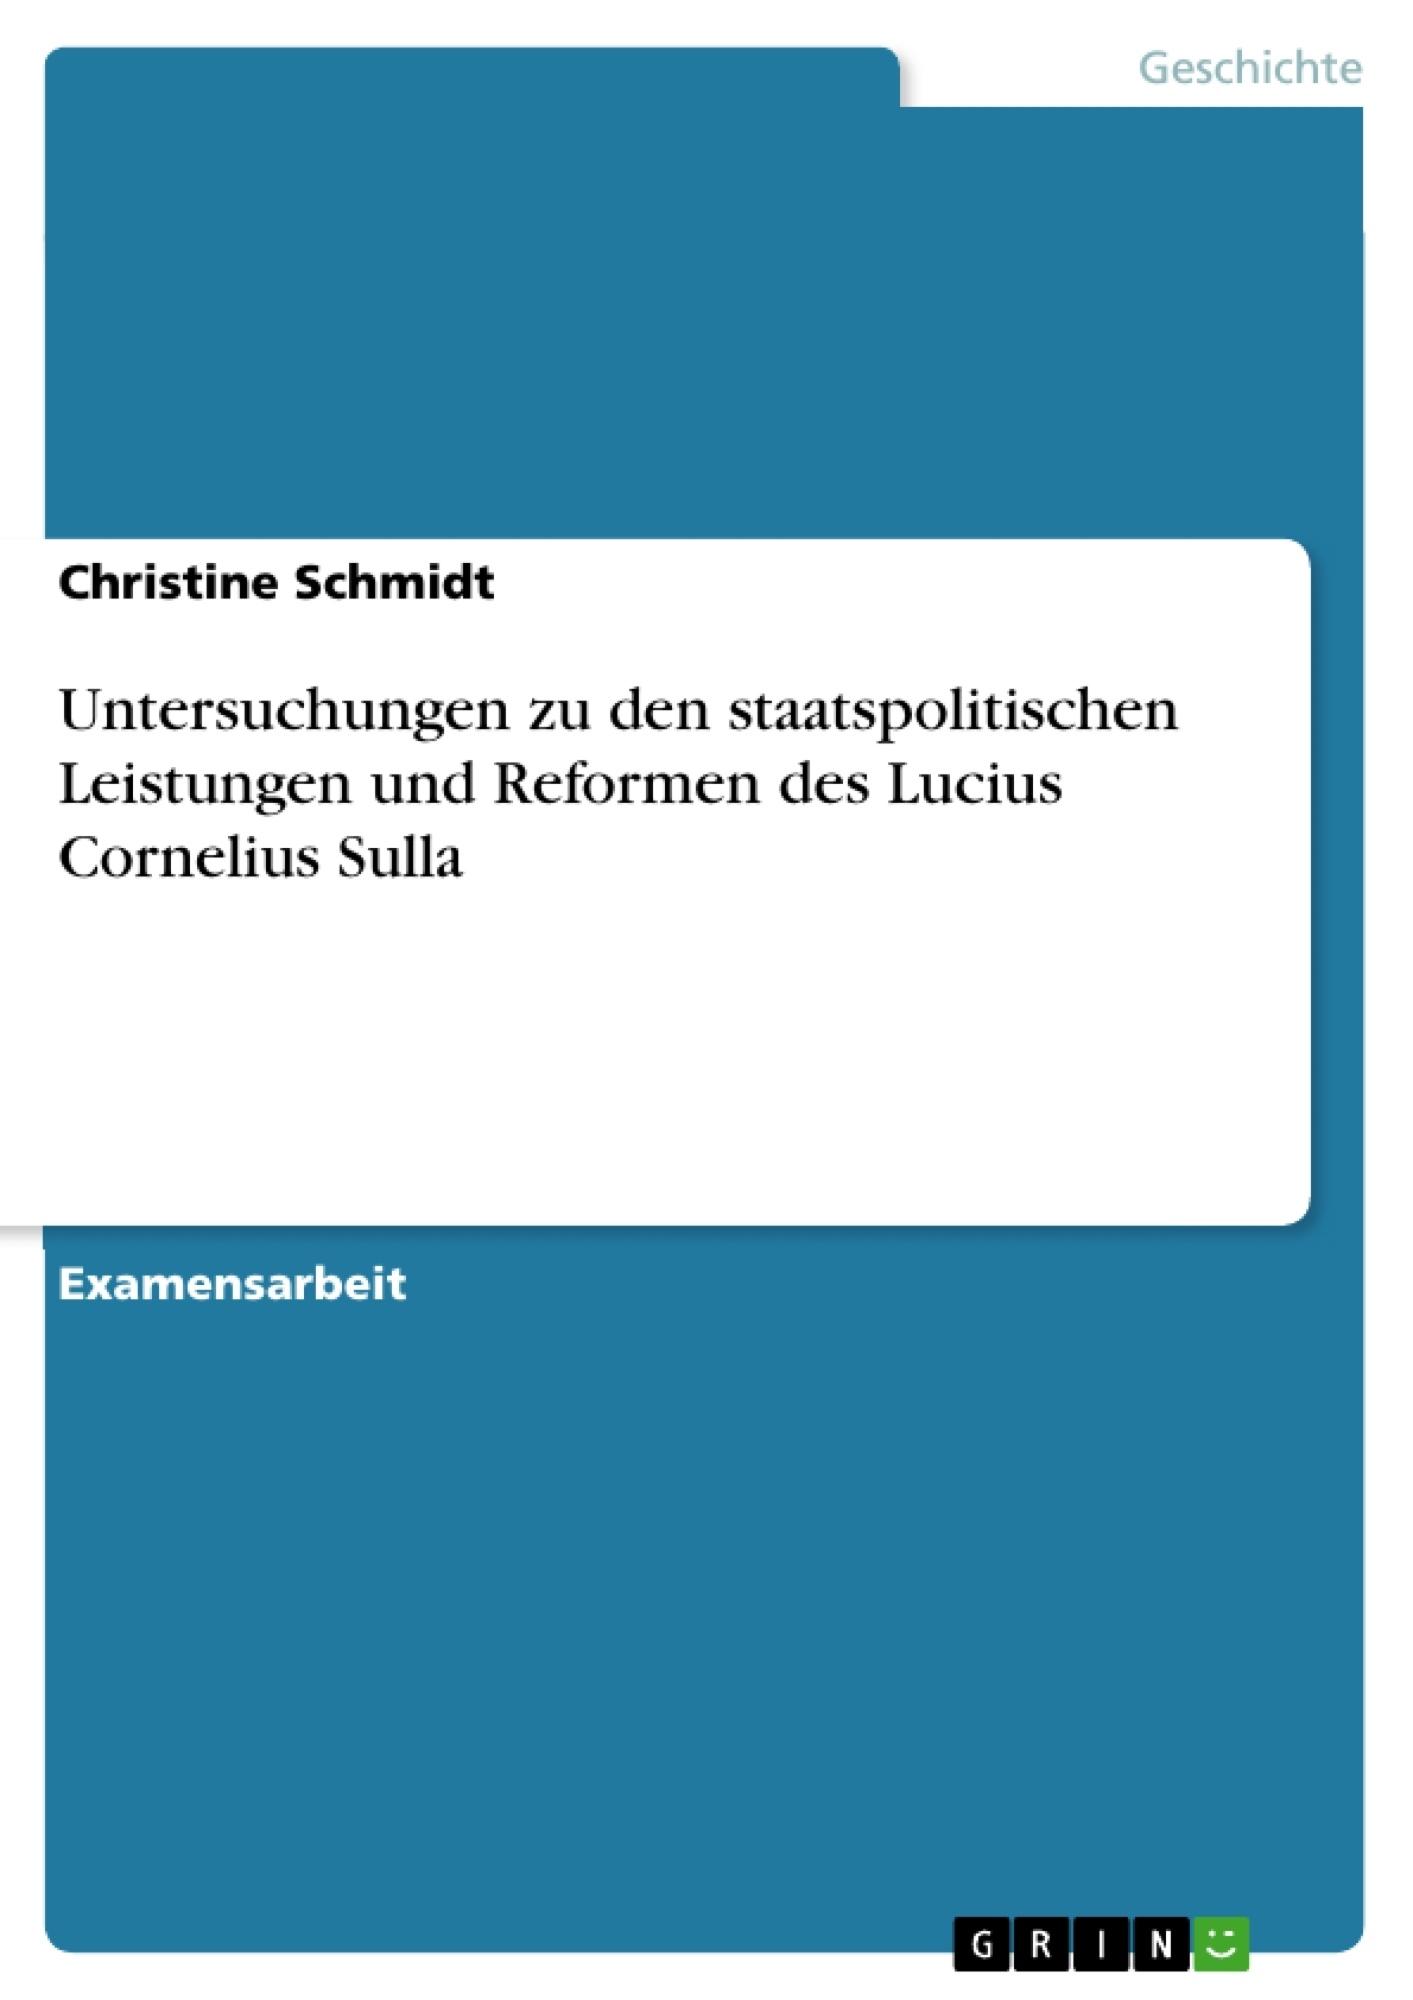 Titel: Untersuchungen zu den staatspolitischen Leistungen und Reformen des Lucius Cornelius Sulla